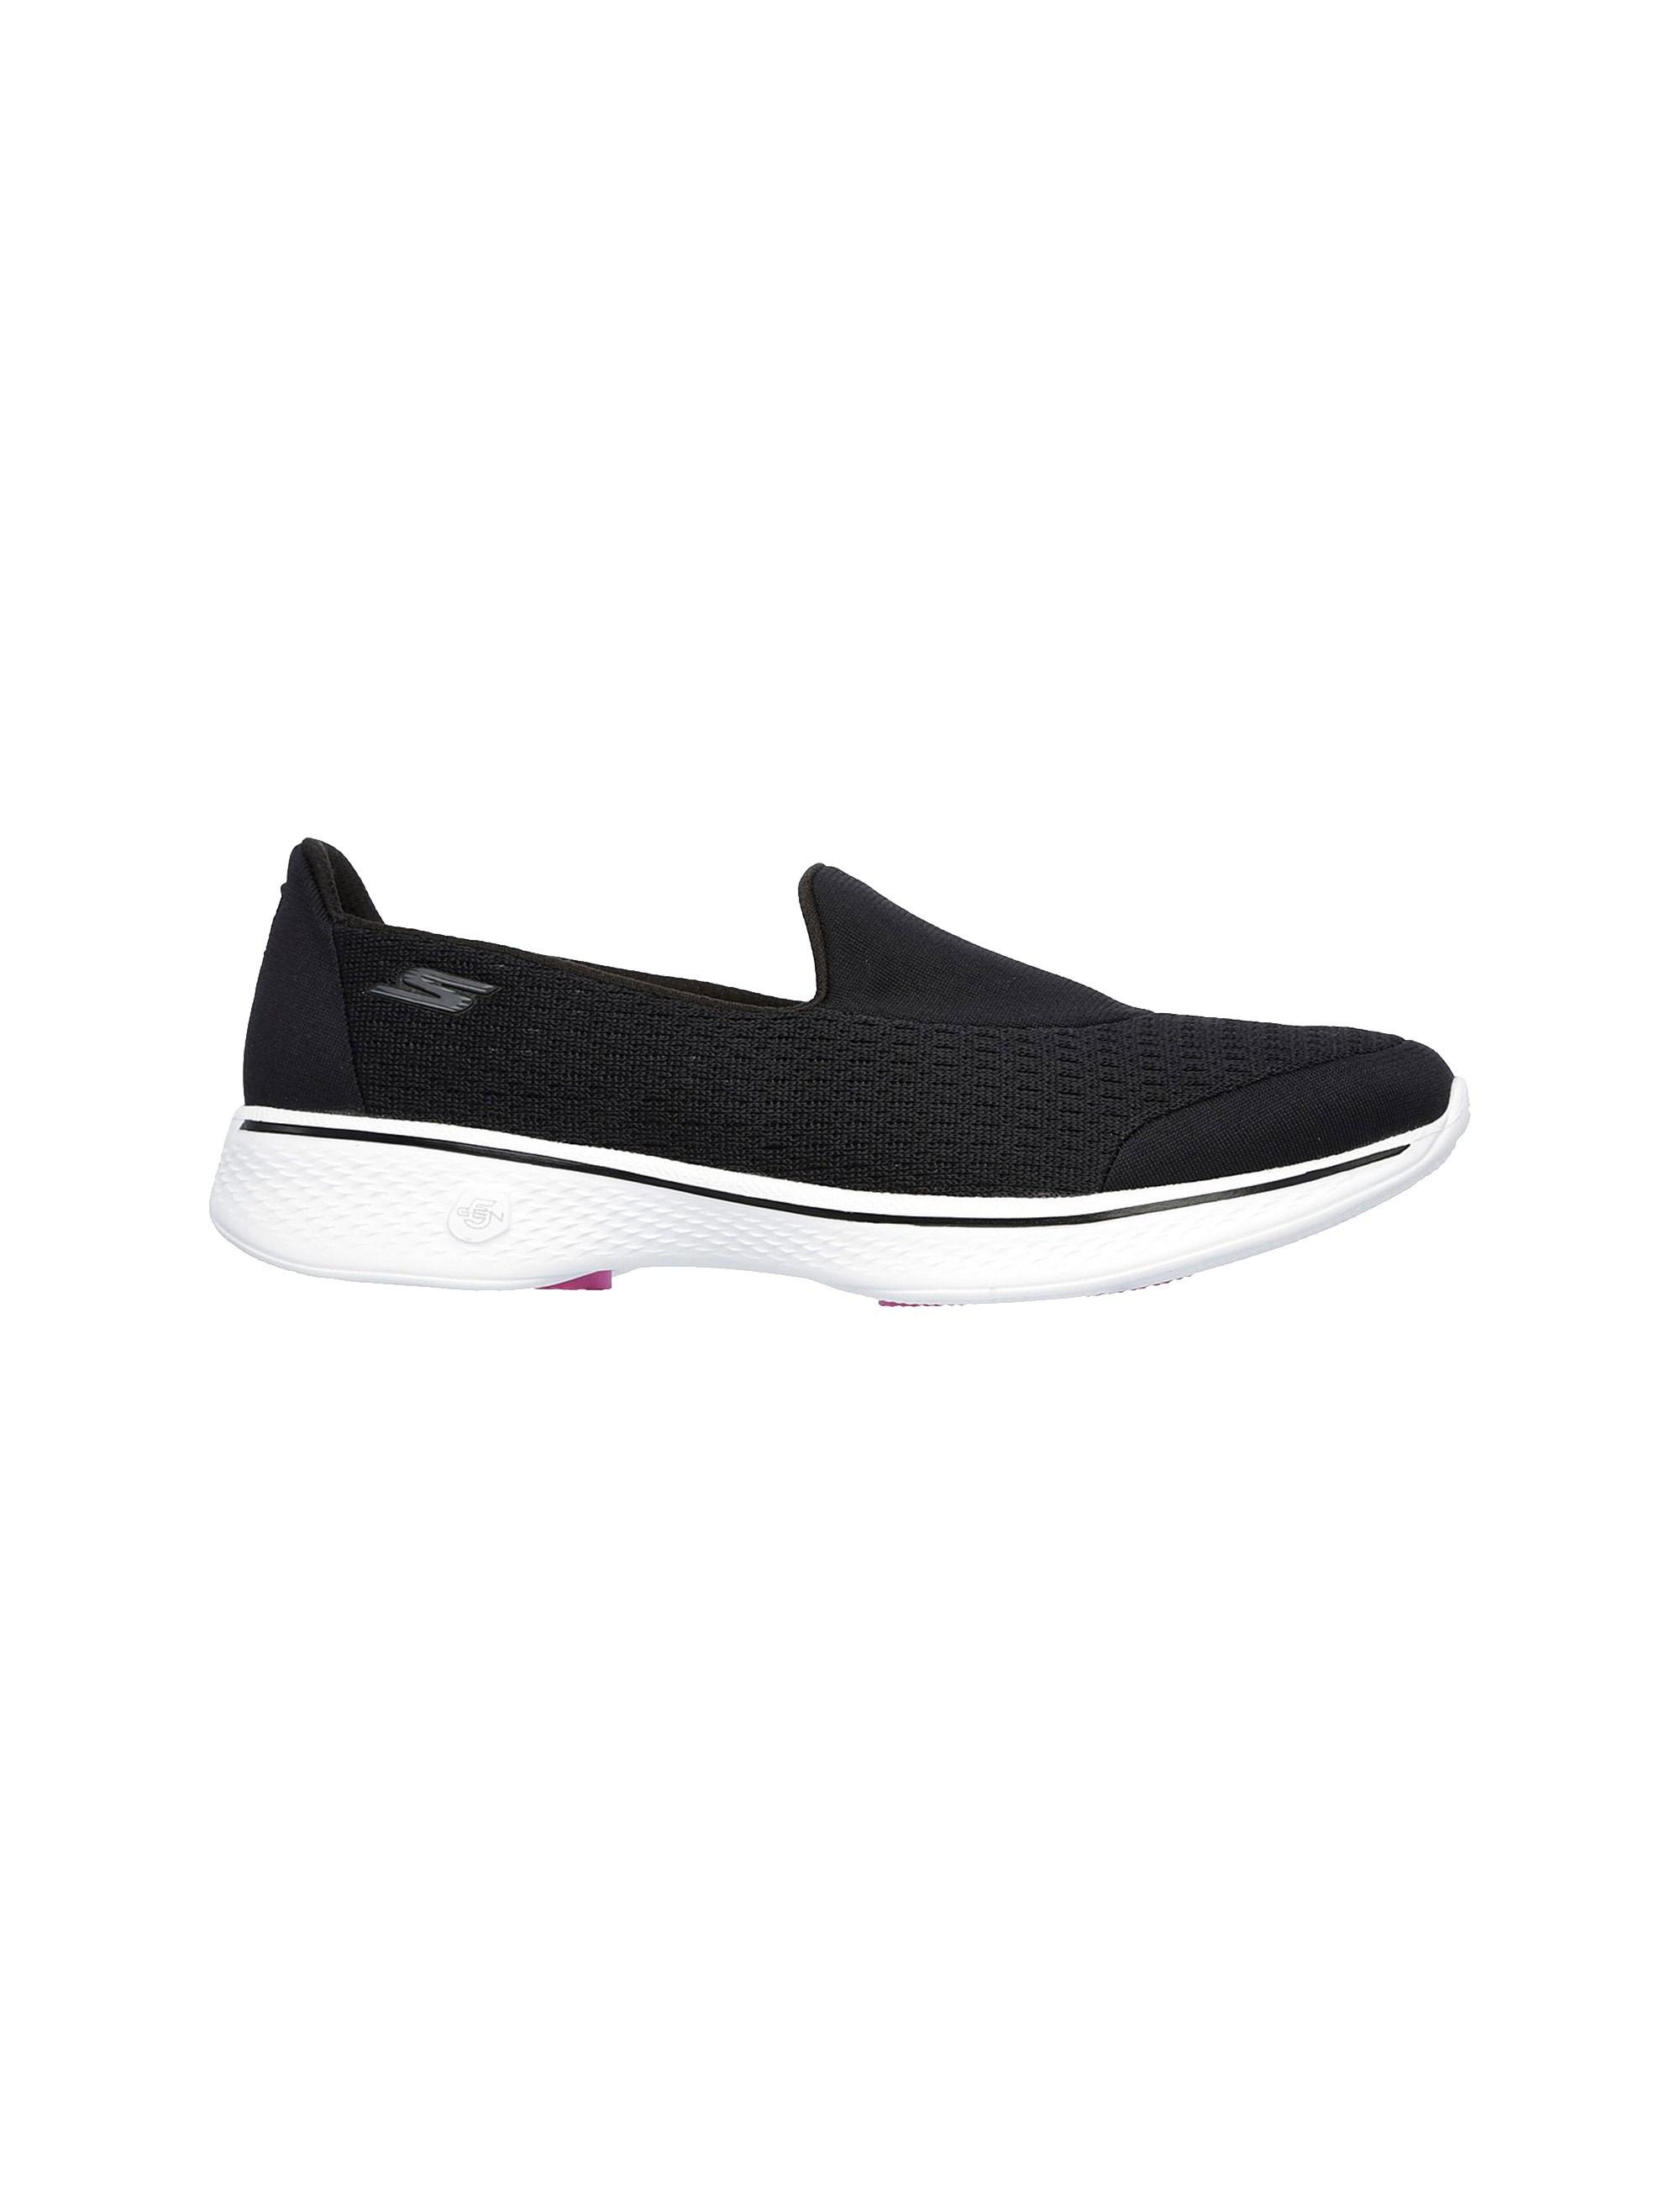 خرید کفش پیاده روی پارچه ای بزرگسال GoWalk 4 Pursuit – اسکچرز